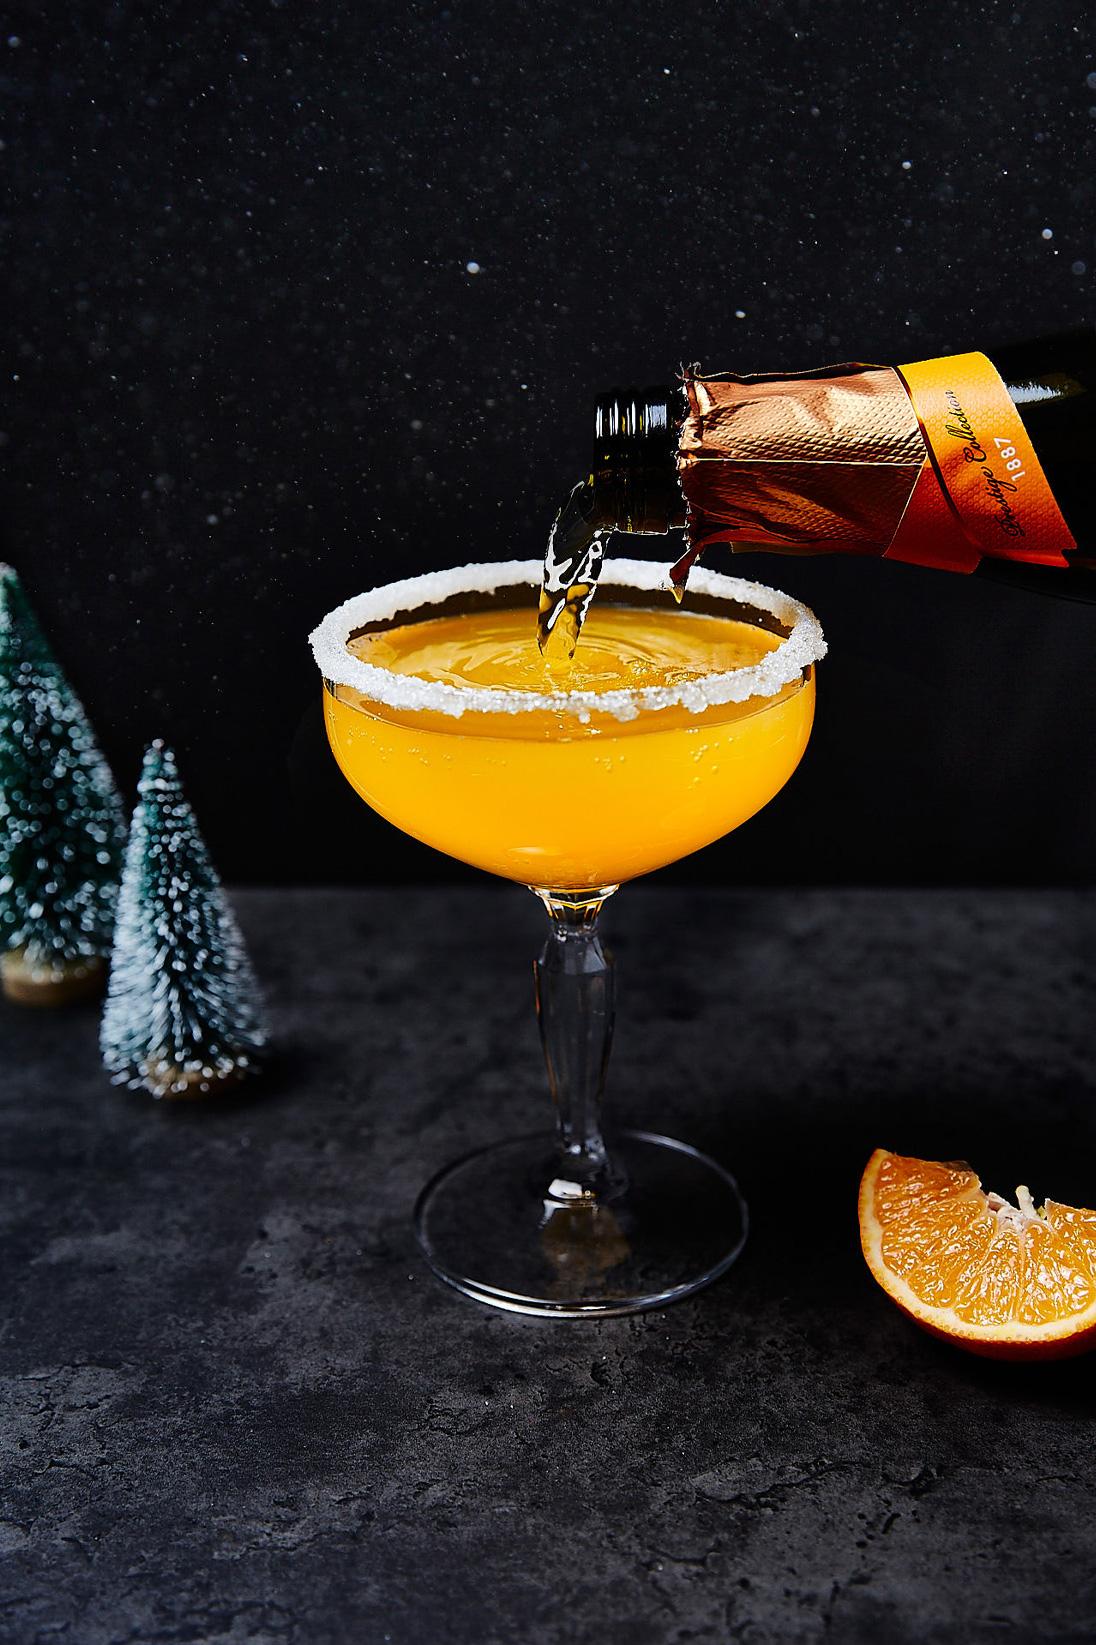 """Food Foto von orange-farbenem Getränk """"Clementine Sprizz"""", Glas wir mit Sekt eingeschenkt, dunkler Untergrund und Hintergrund. Kleine Bäume als Deko-Element."""